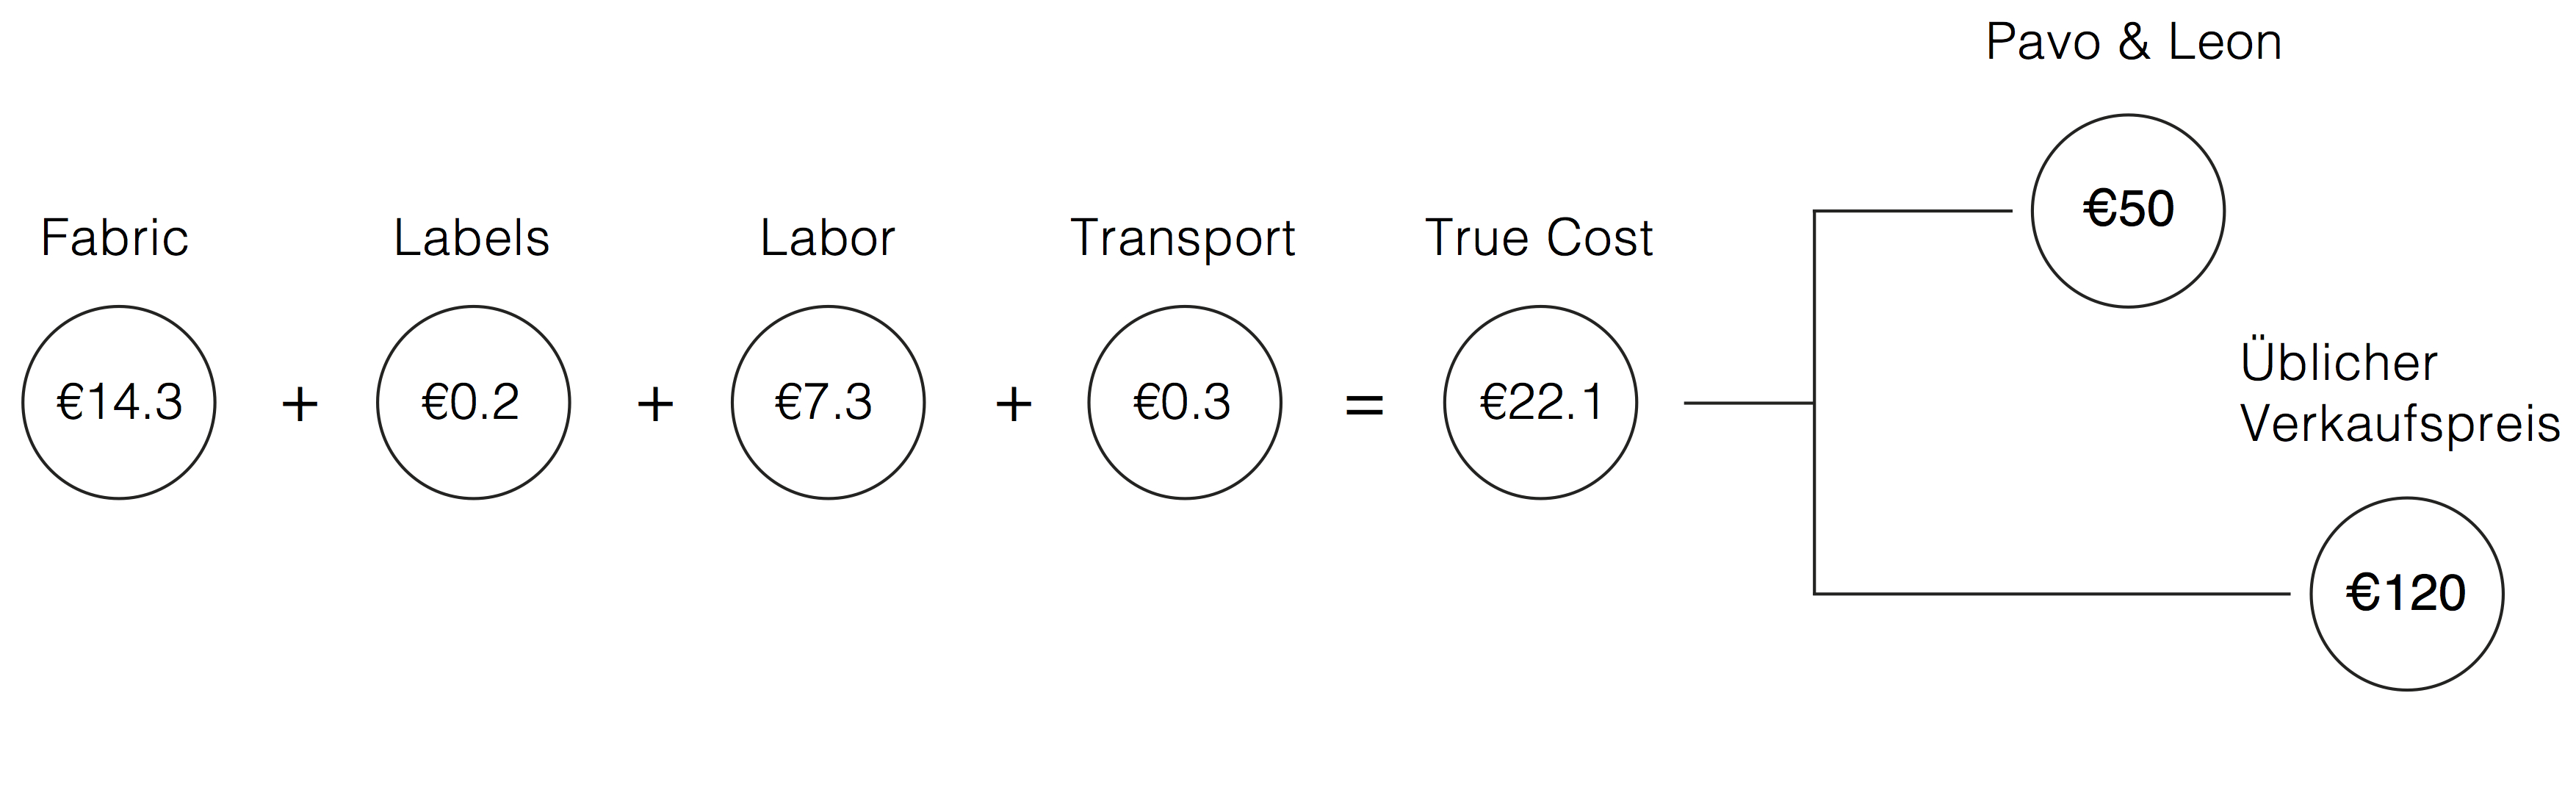 Pavo & Leon Basic Sweatshirt hellgrau-meliert-Produktionskosten